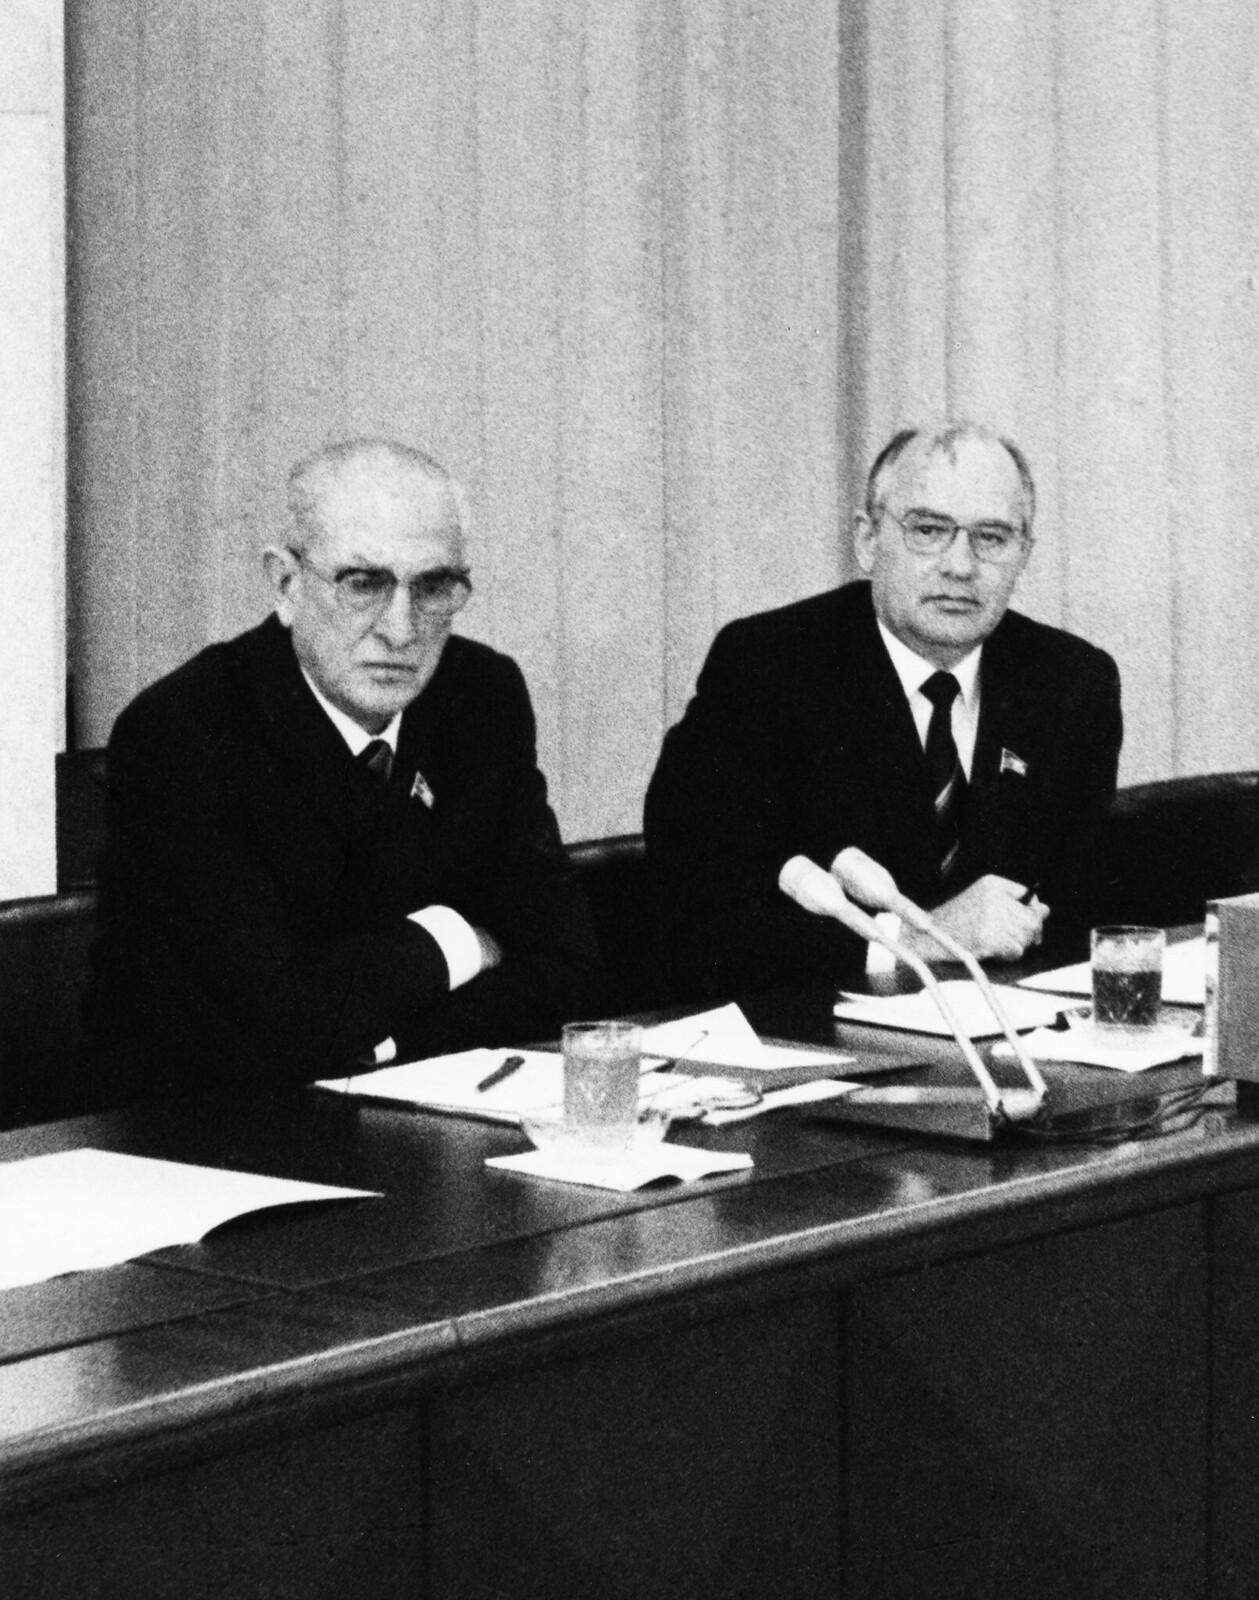 1983. Юрий Андропов и Михаил Горбачев во время встречи с ветеранами партии в ЦК КПСС. 15 августа